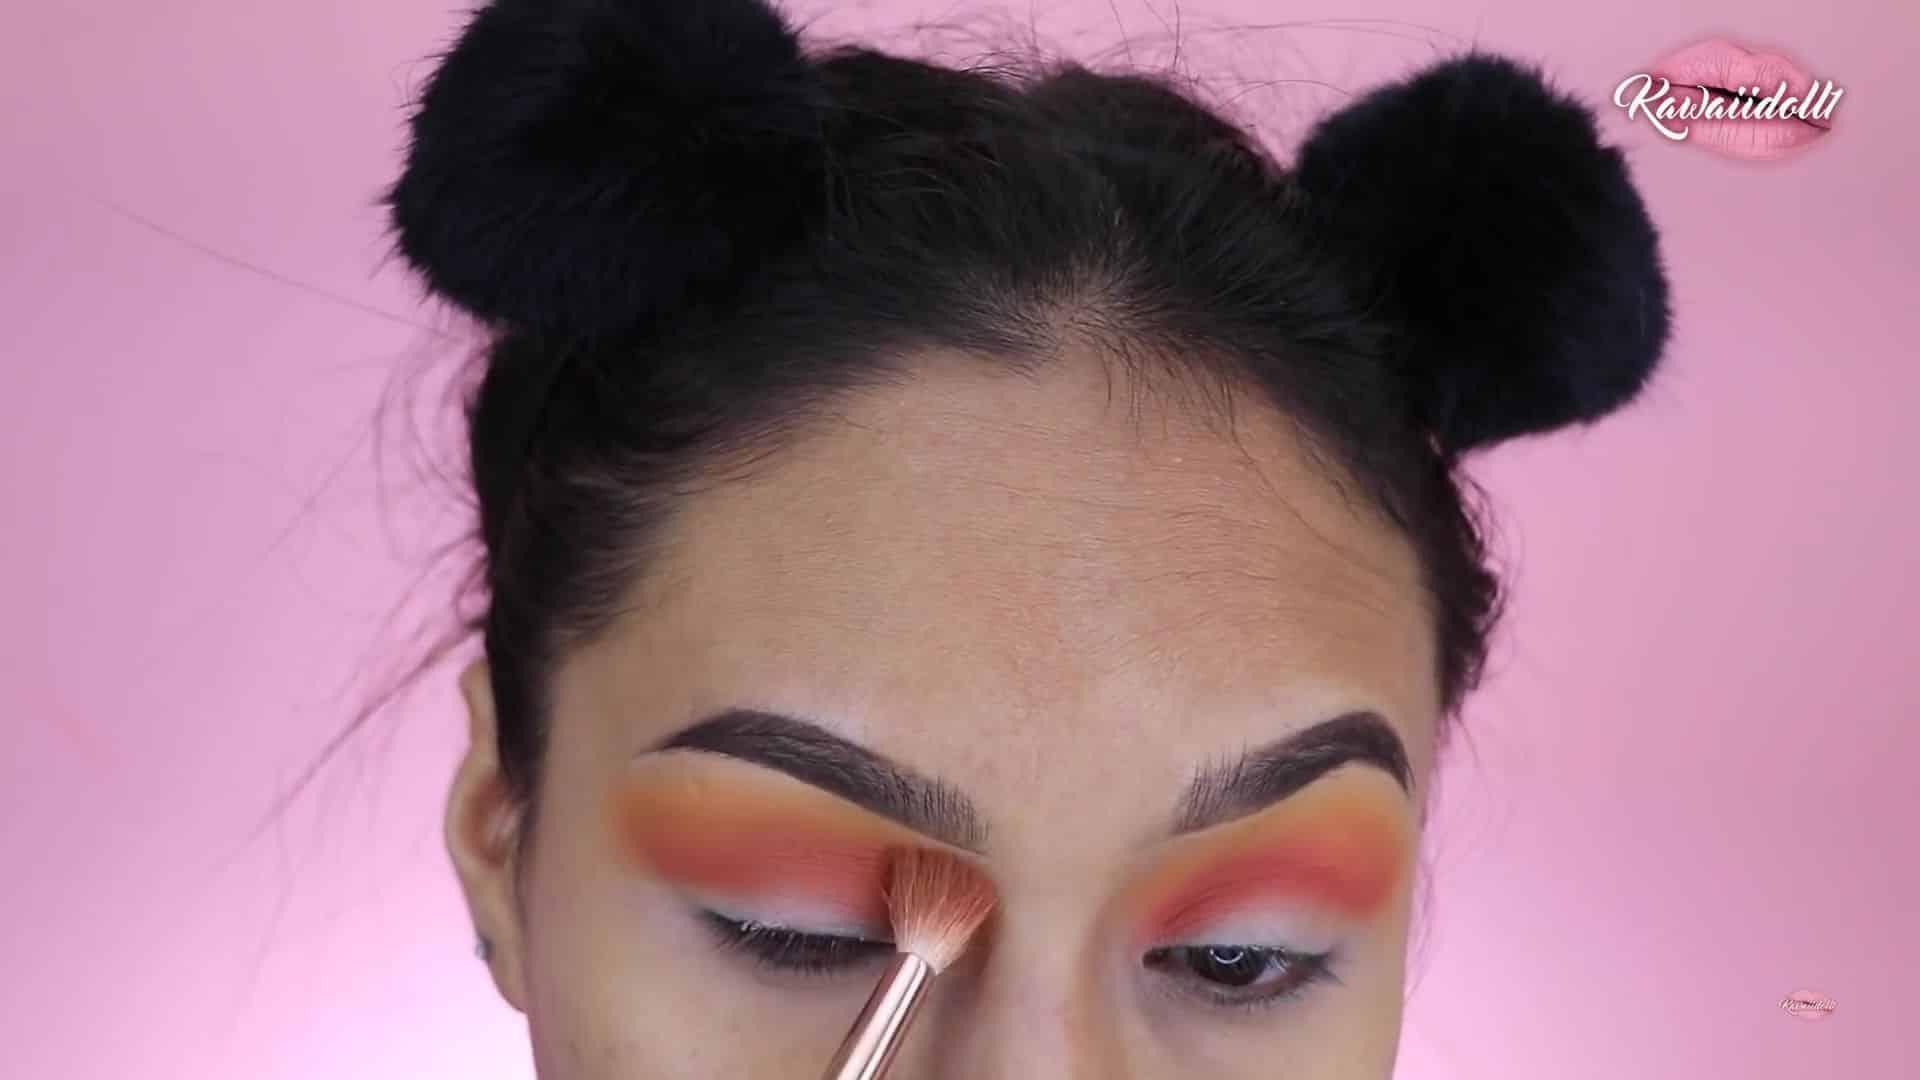 Maquillaje de fantasía Rapunzel 2020 kawaiidoll1, sombra roja,pincel plano para difuminar.